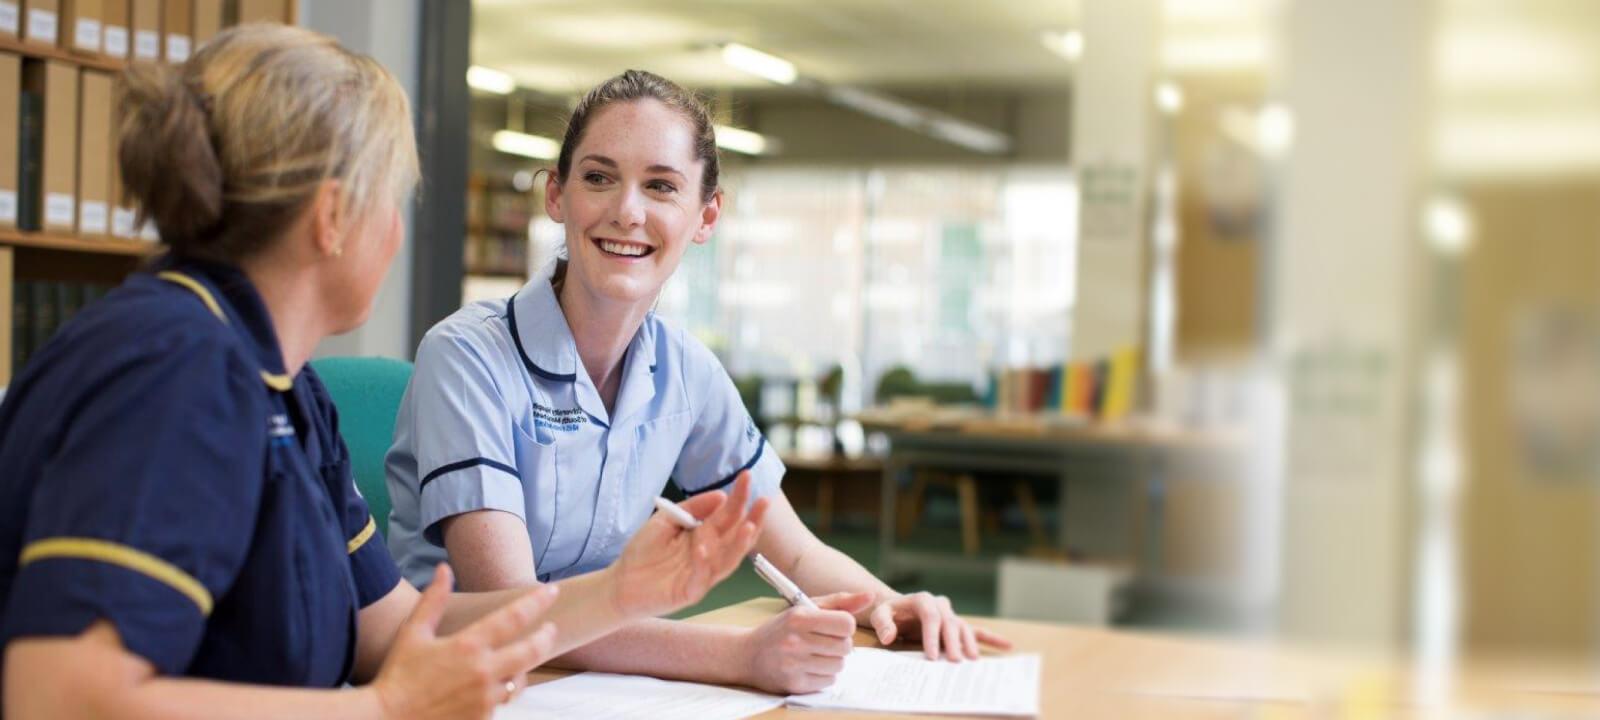 Nurses talking